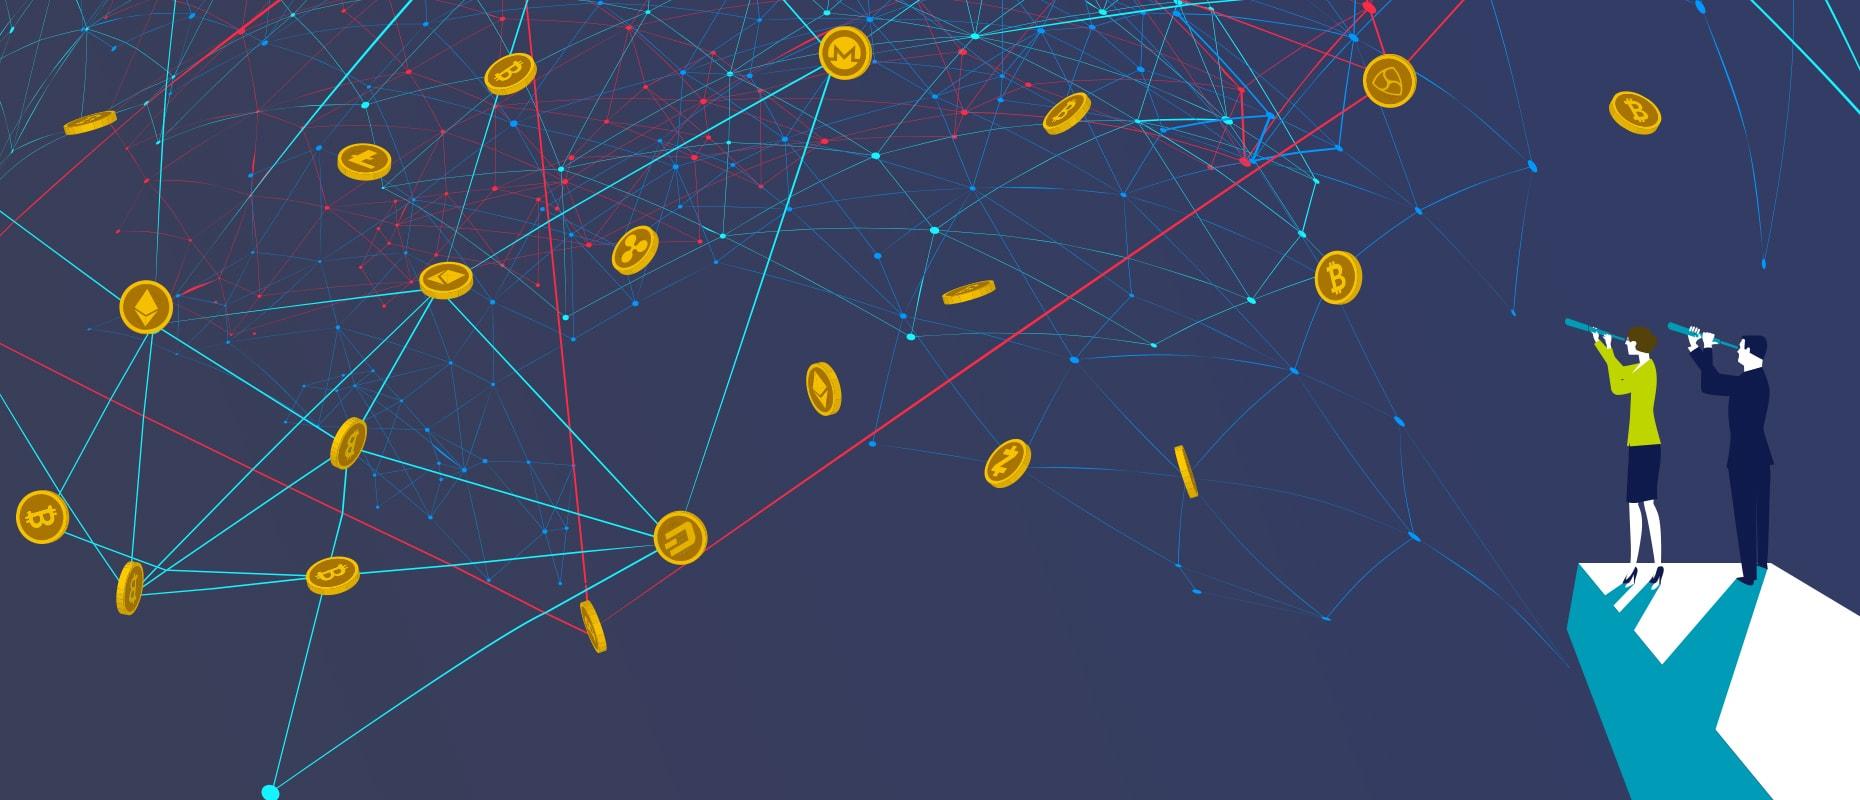 【3月より仮想通貨に関する放送を強化】 ネットには落ちていない情報・動向をSchooでお届け>